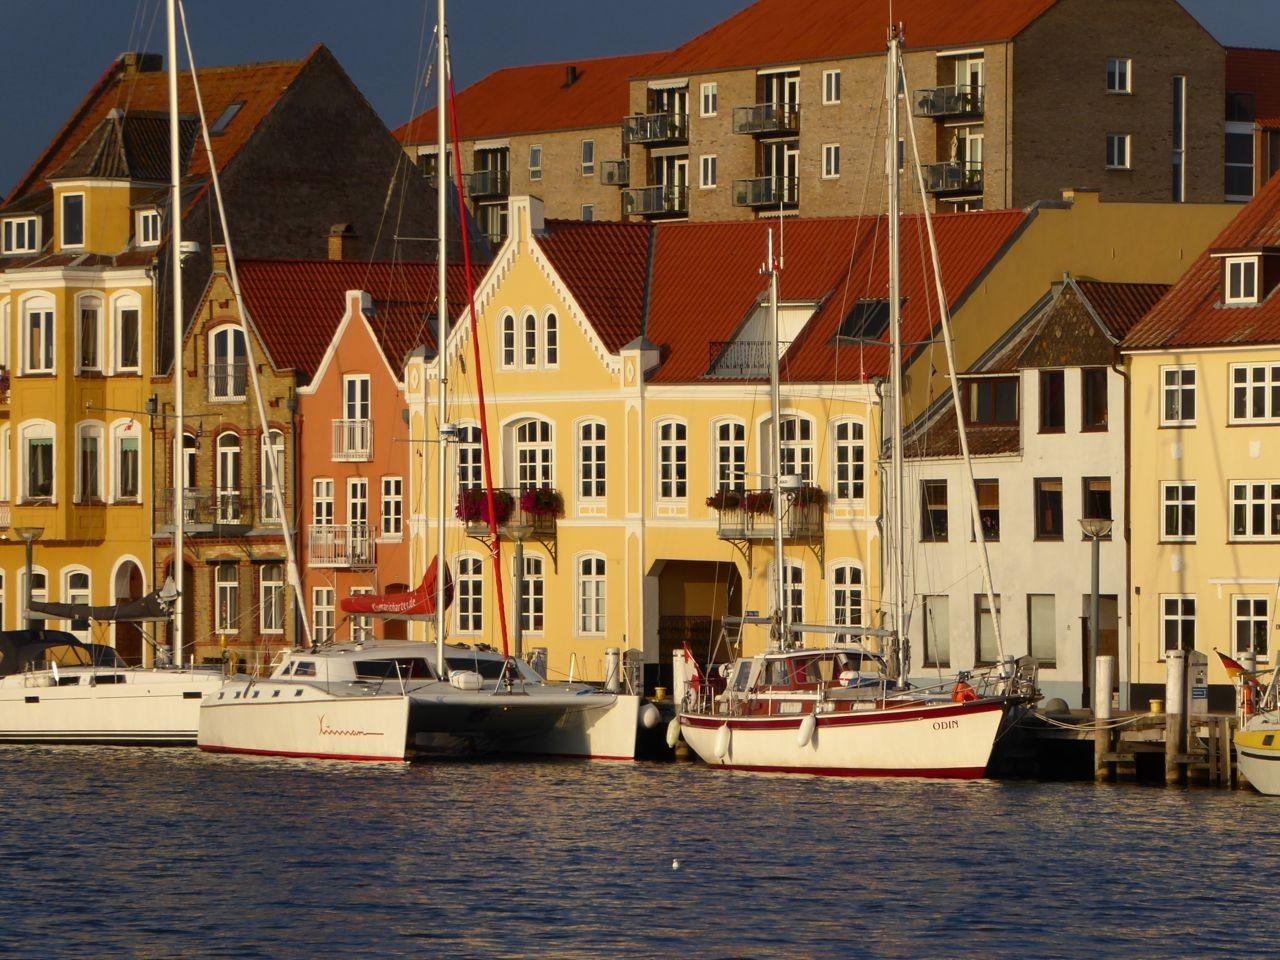 Sonderborg Stadthafen